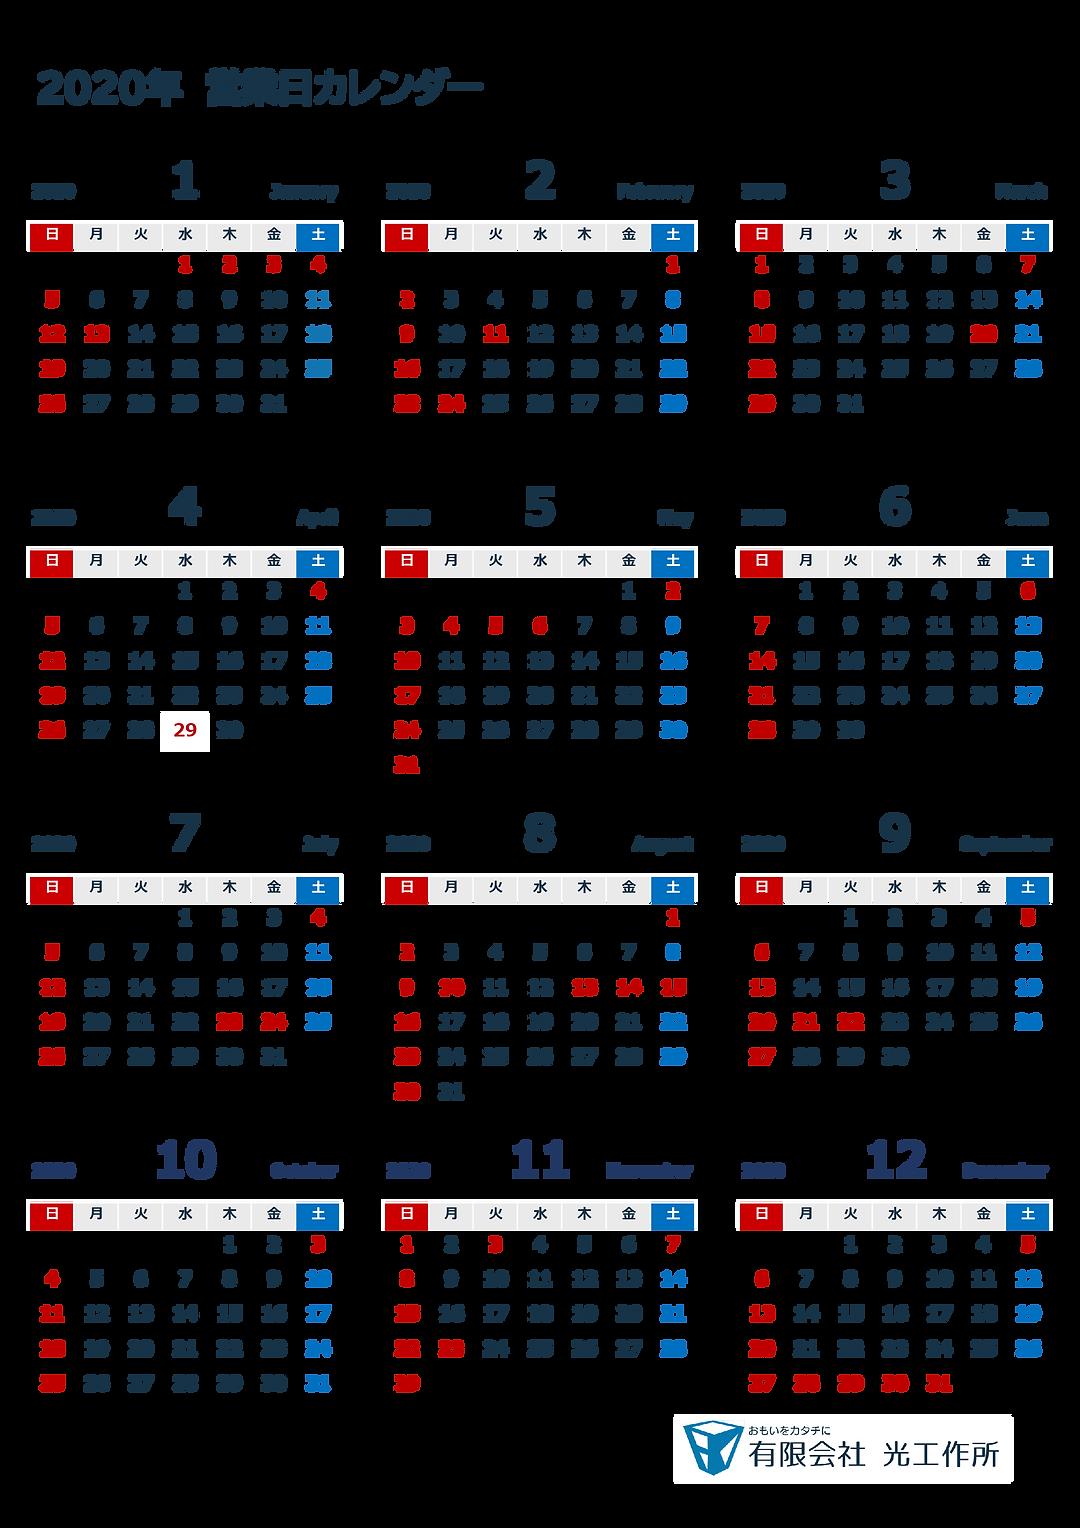 2020年就業カレンダー日本語赤文字.png